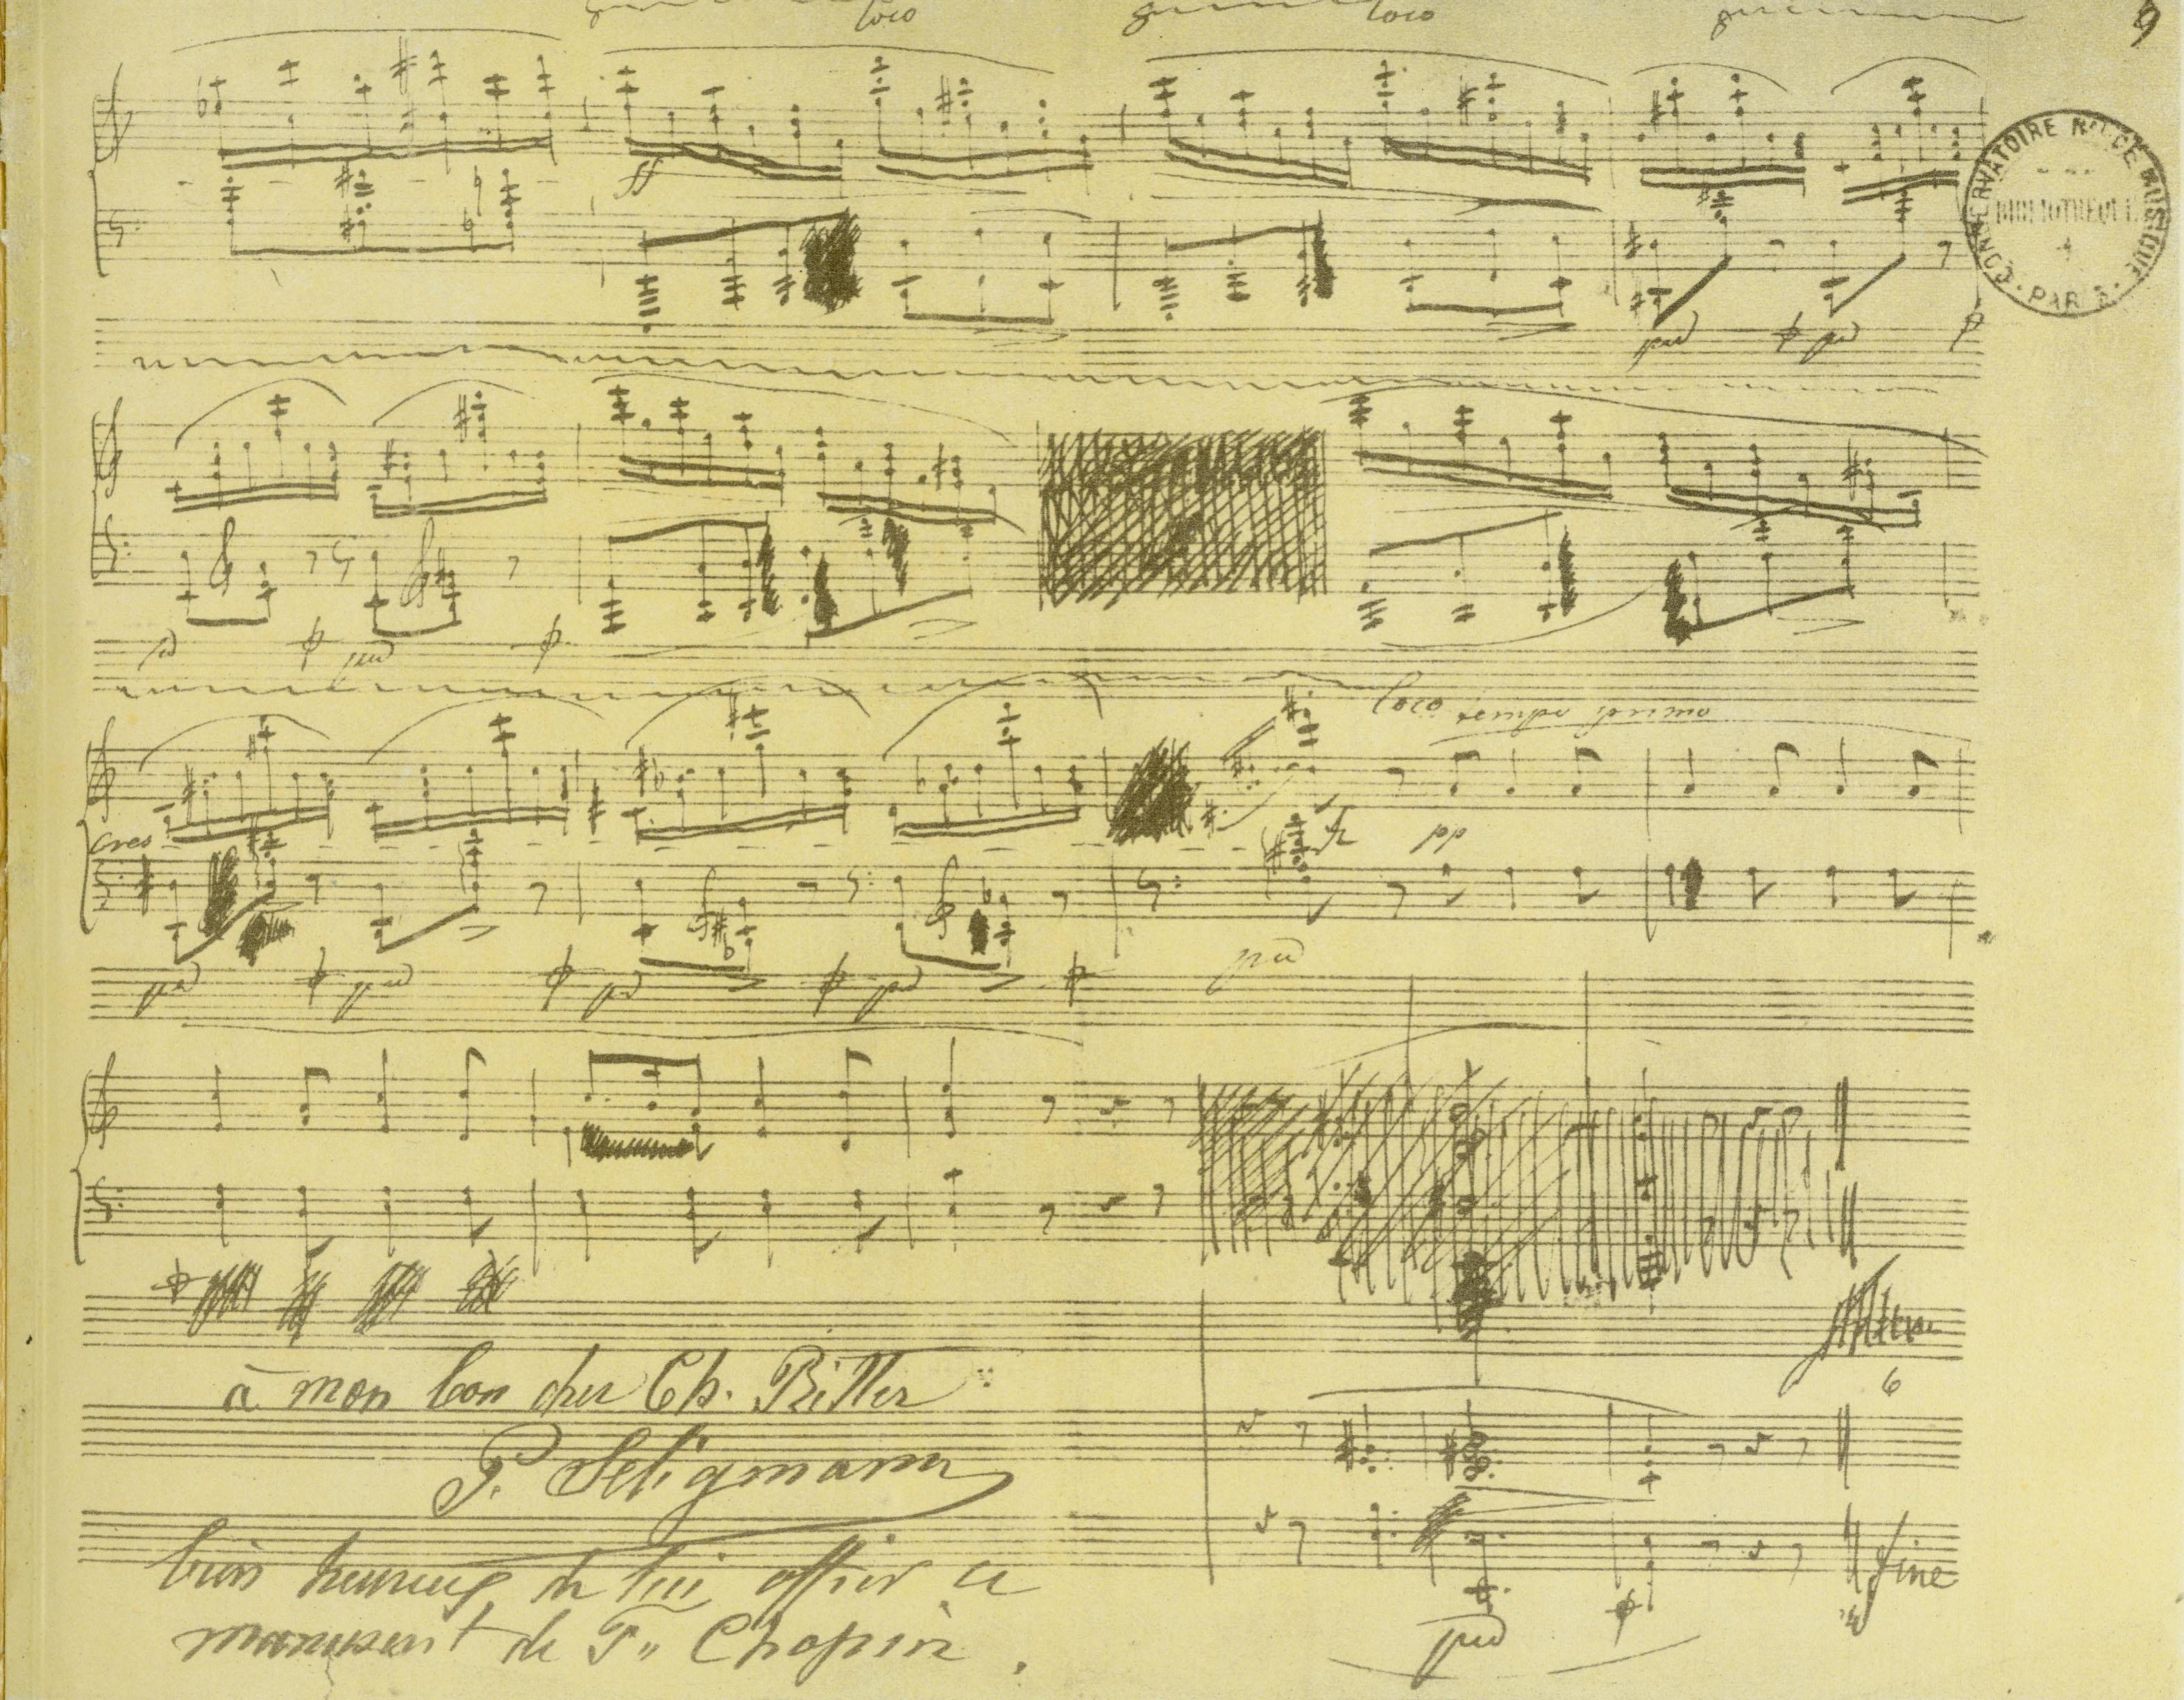 Chopin_manuscr